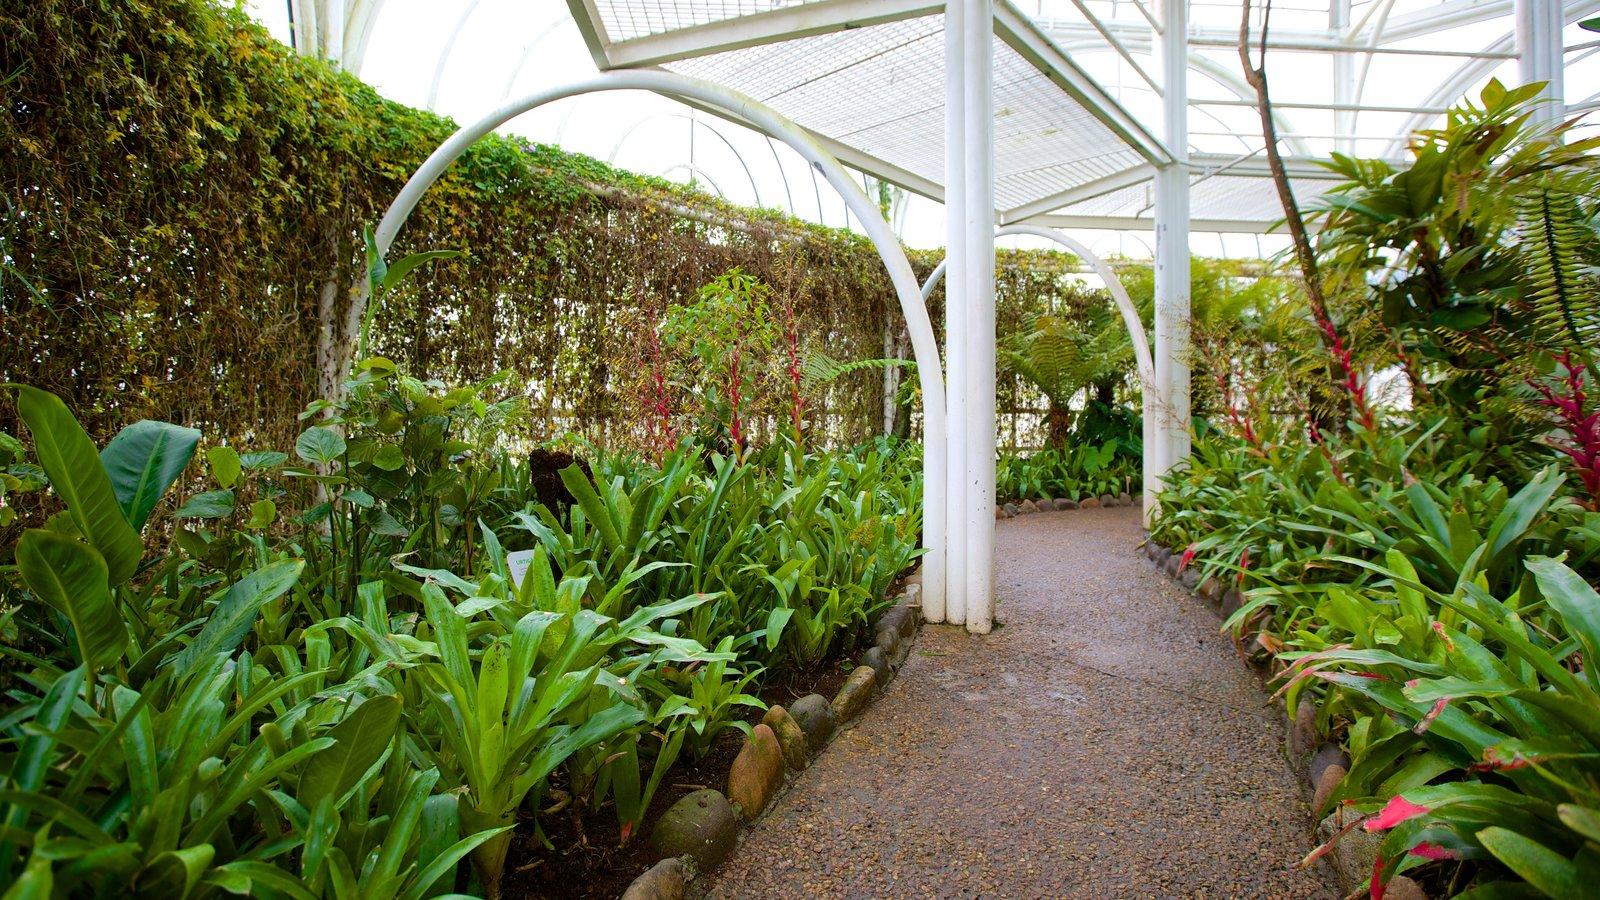 Parque Botânico de Curitiba que inclui vistas internas e um parque